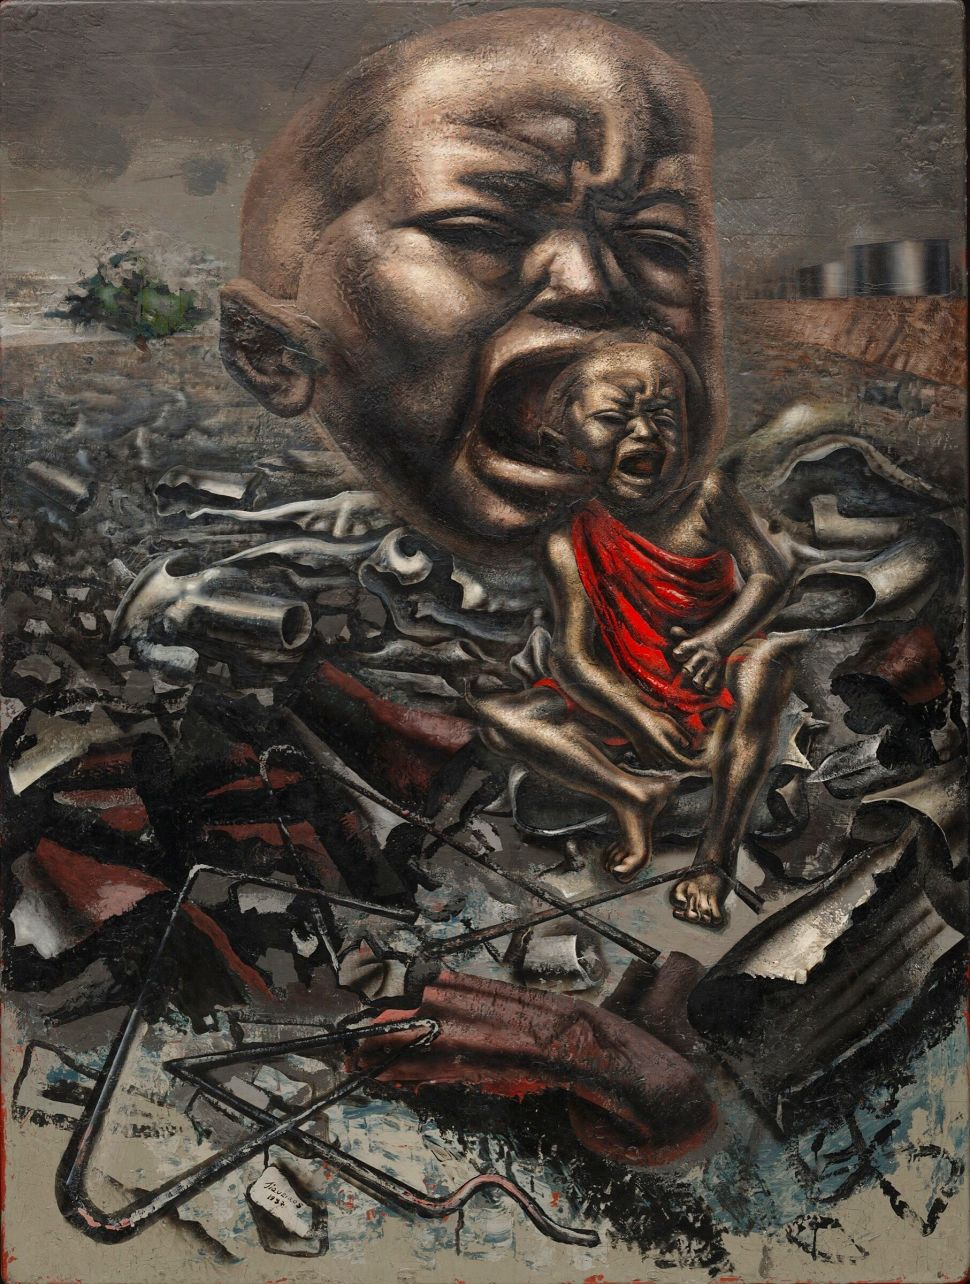 David Alfaro Siqueiros, Echo of a Scream, 1937